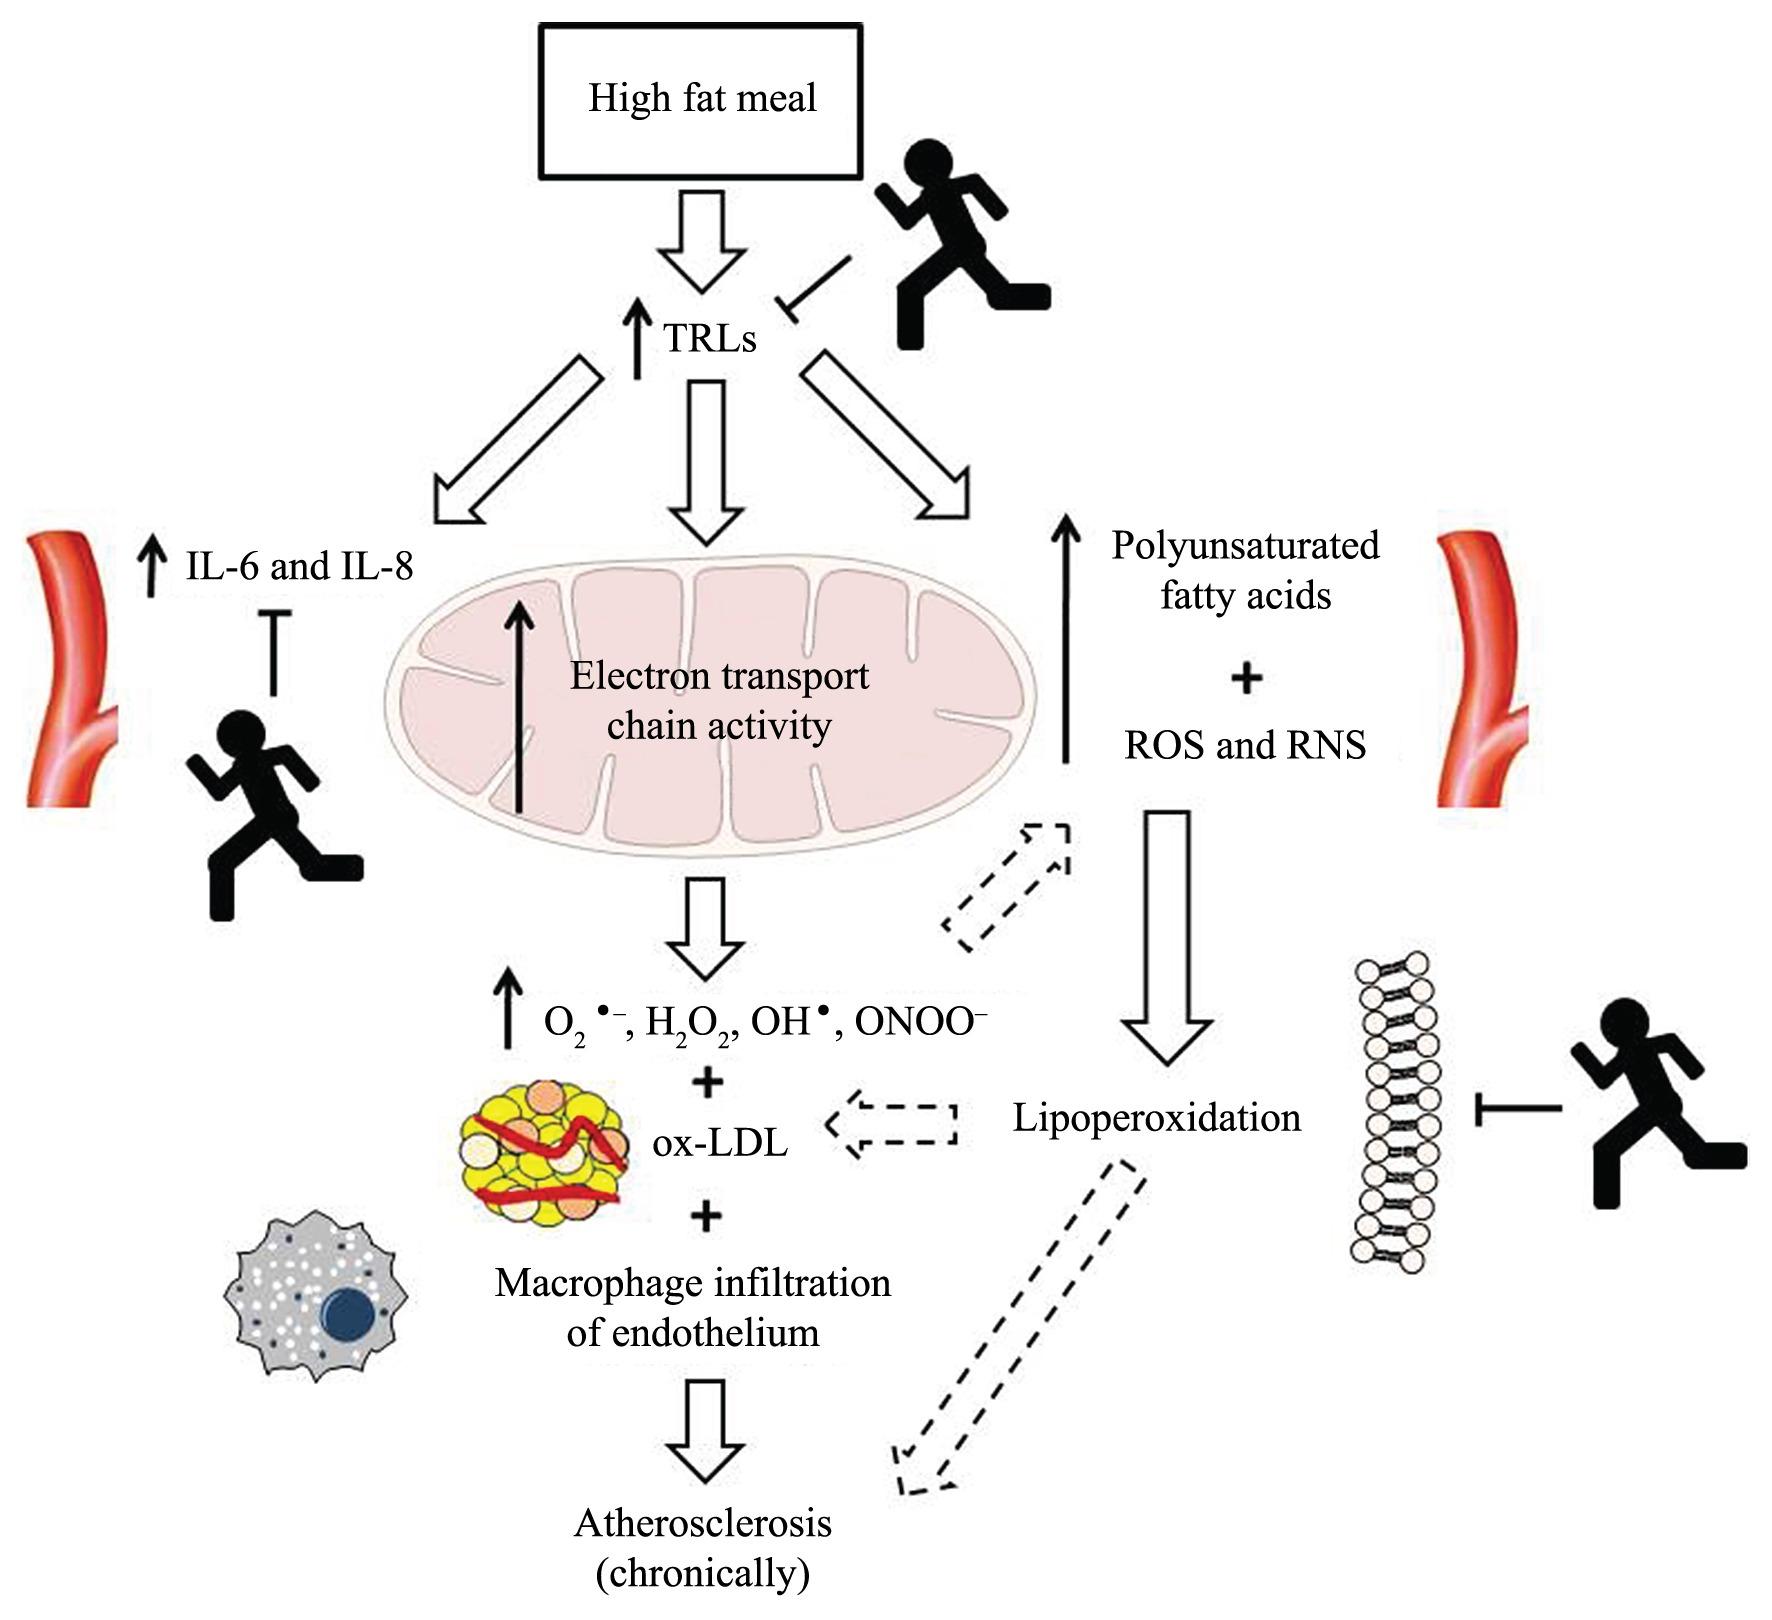 Физические упражнения снижают окислительный стресс и воспаление